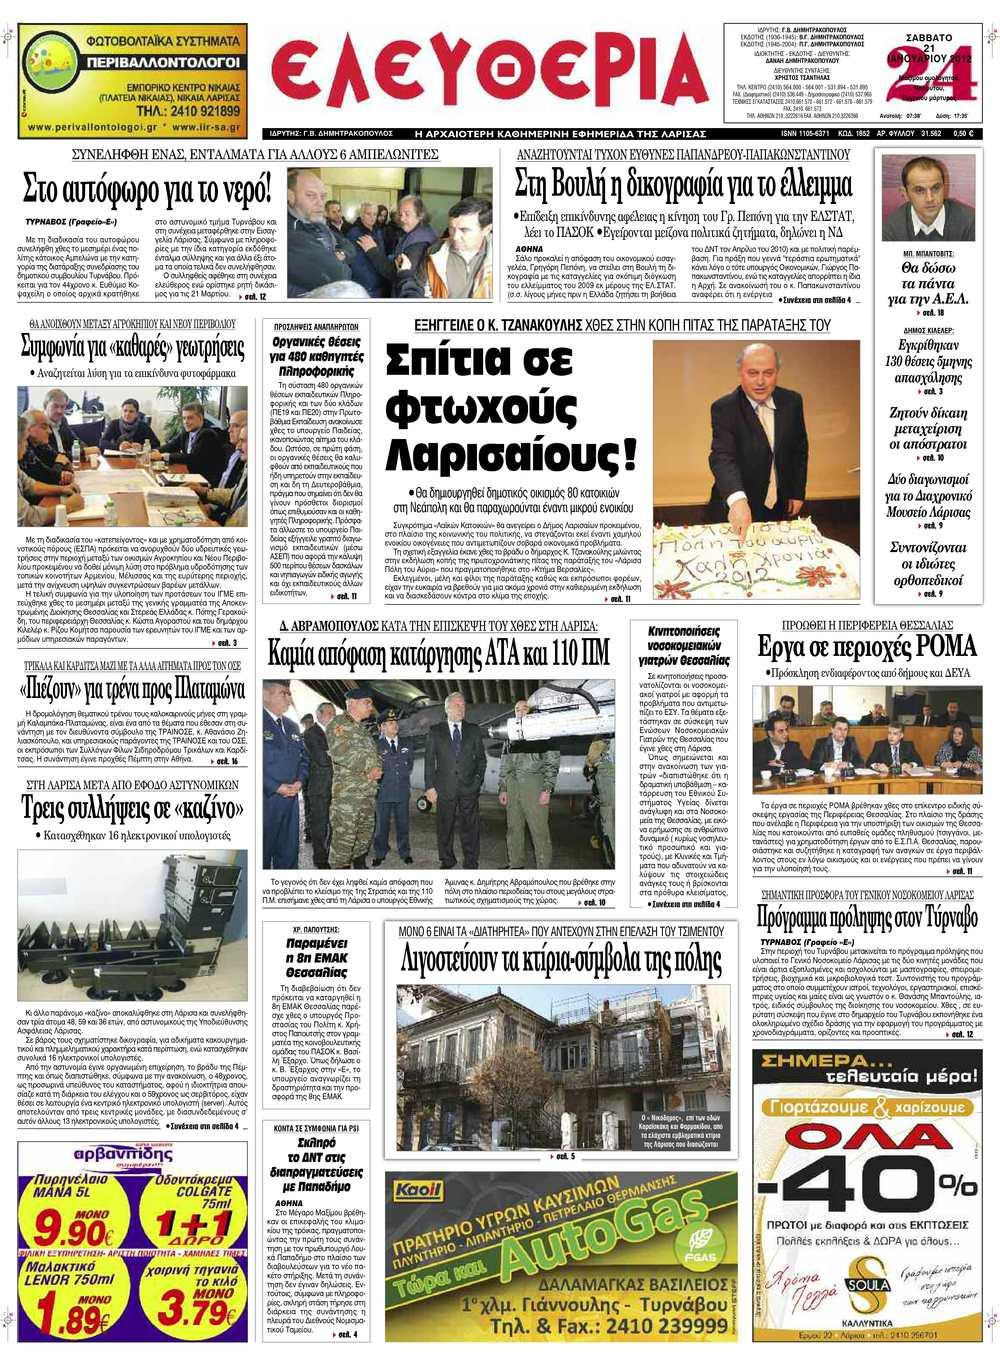 Calaméo - Eleftheria.gr 21 01 2012 8de0de7ffa9